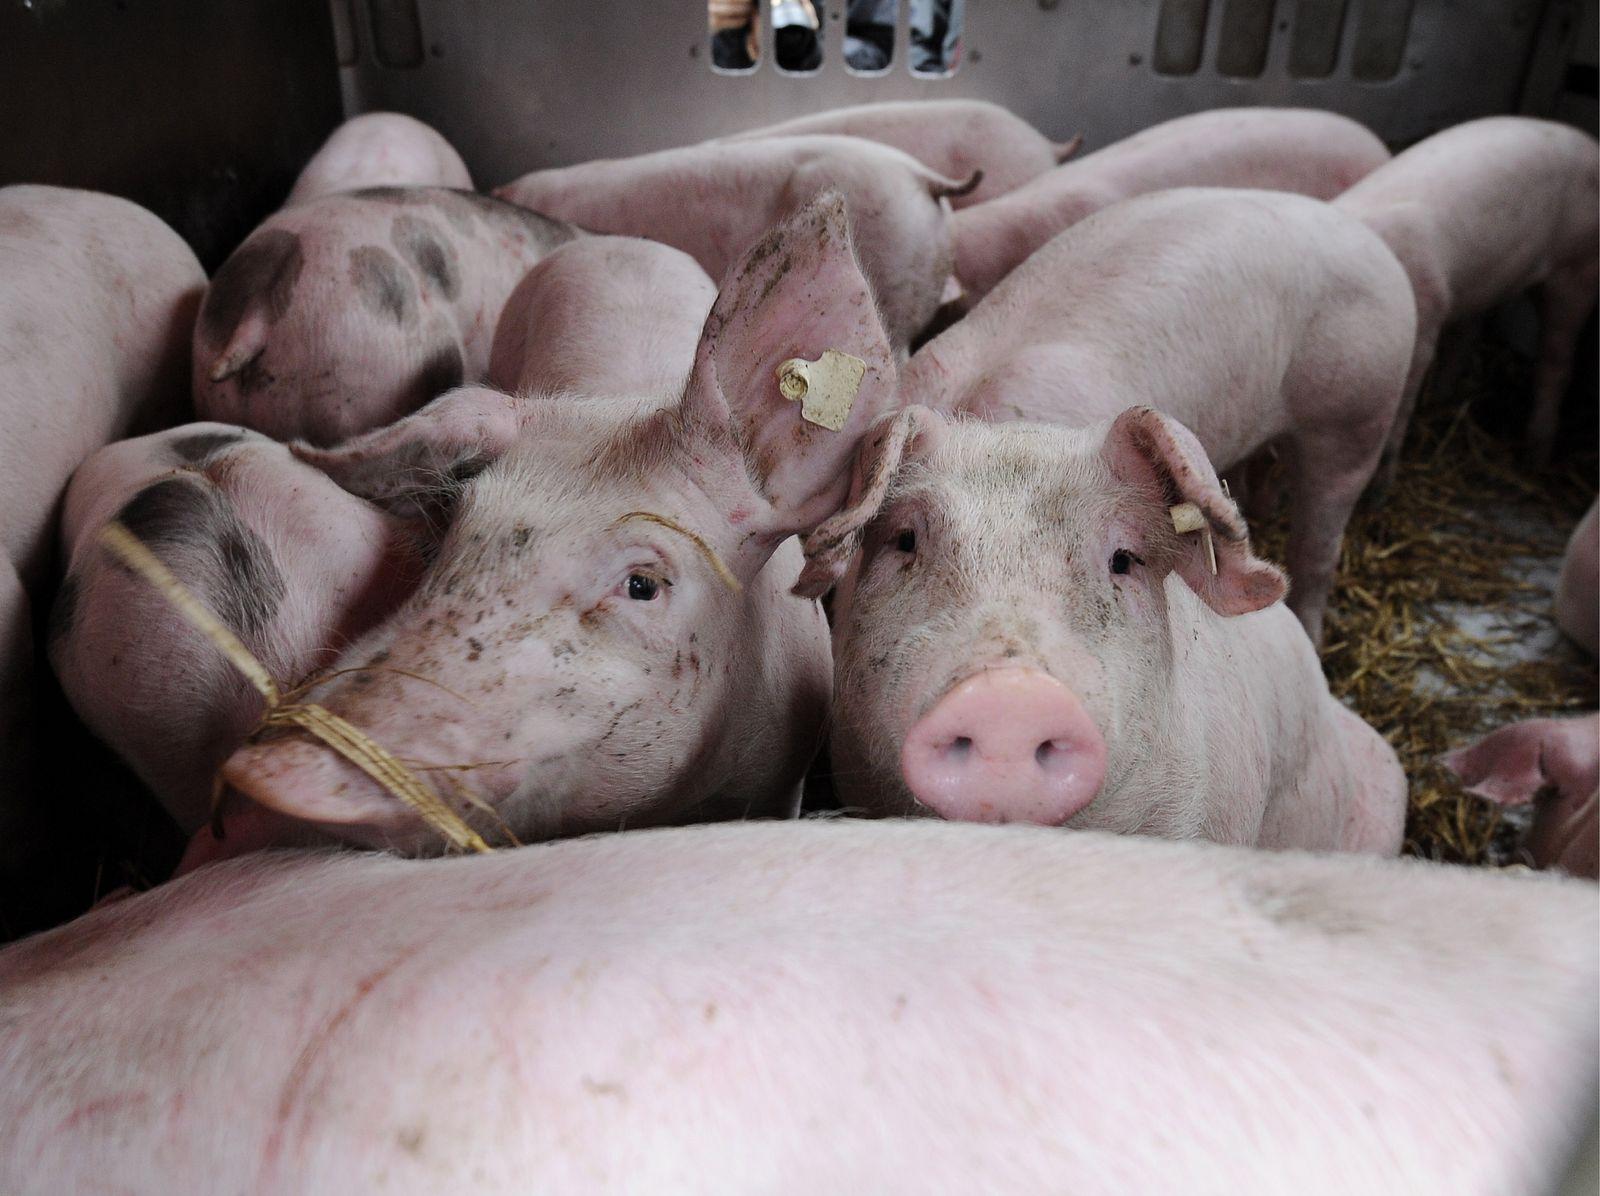 NICHT VERWENDEN Tiertransport / Schweine